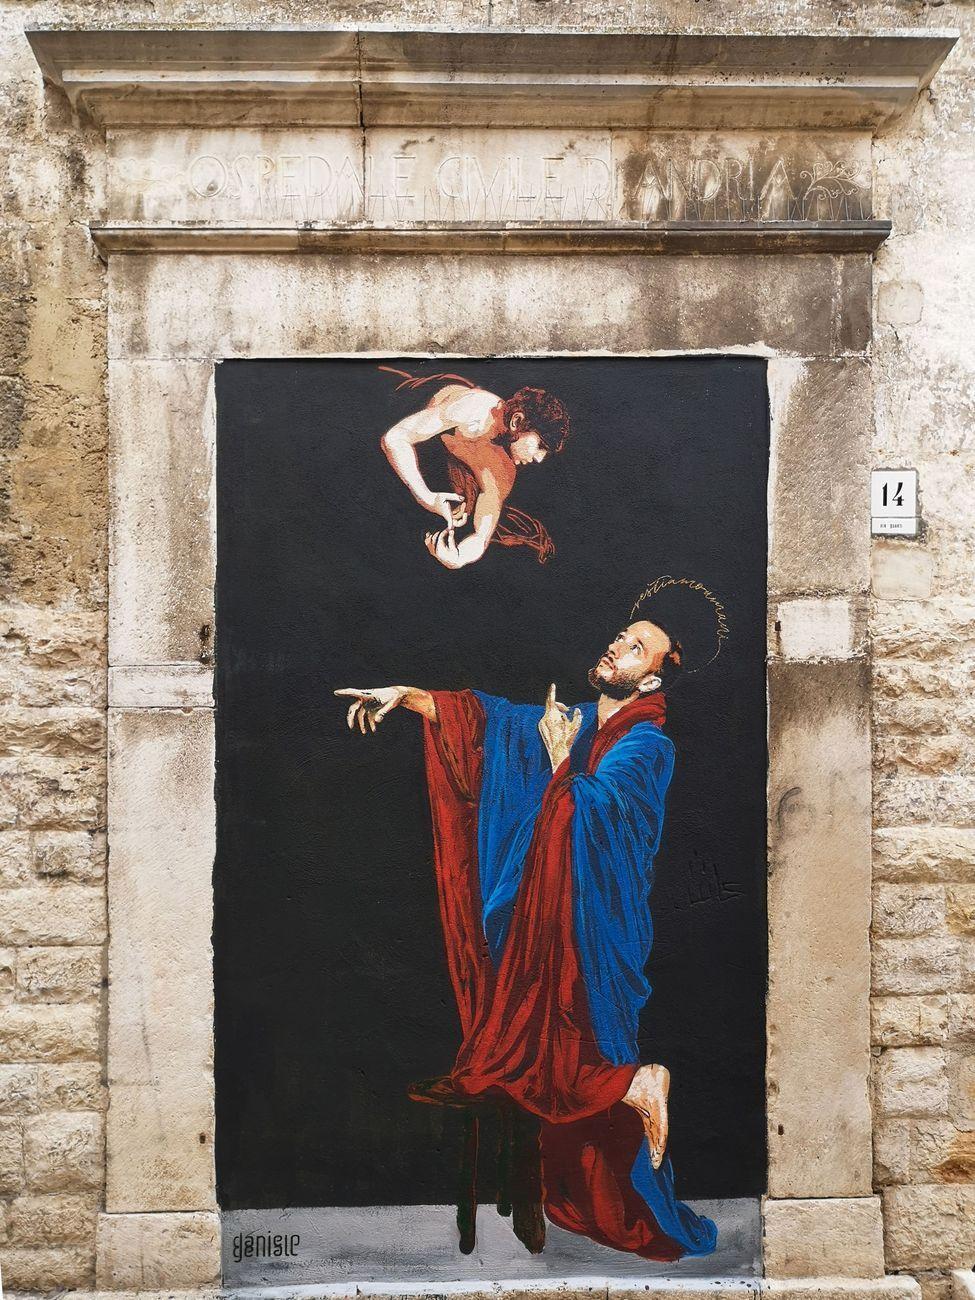 Restiamo umani, Andria, giugno 2019. Photo dell'artista